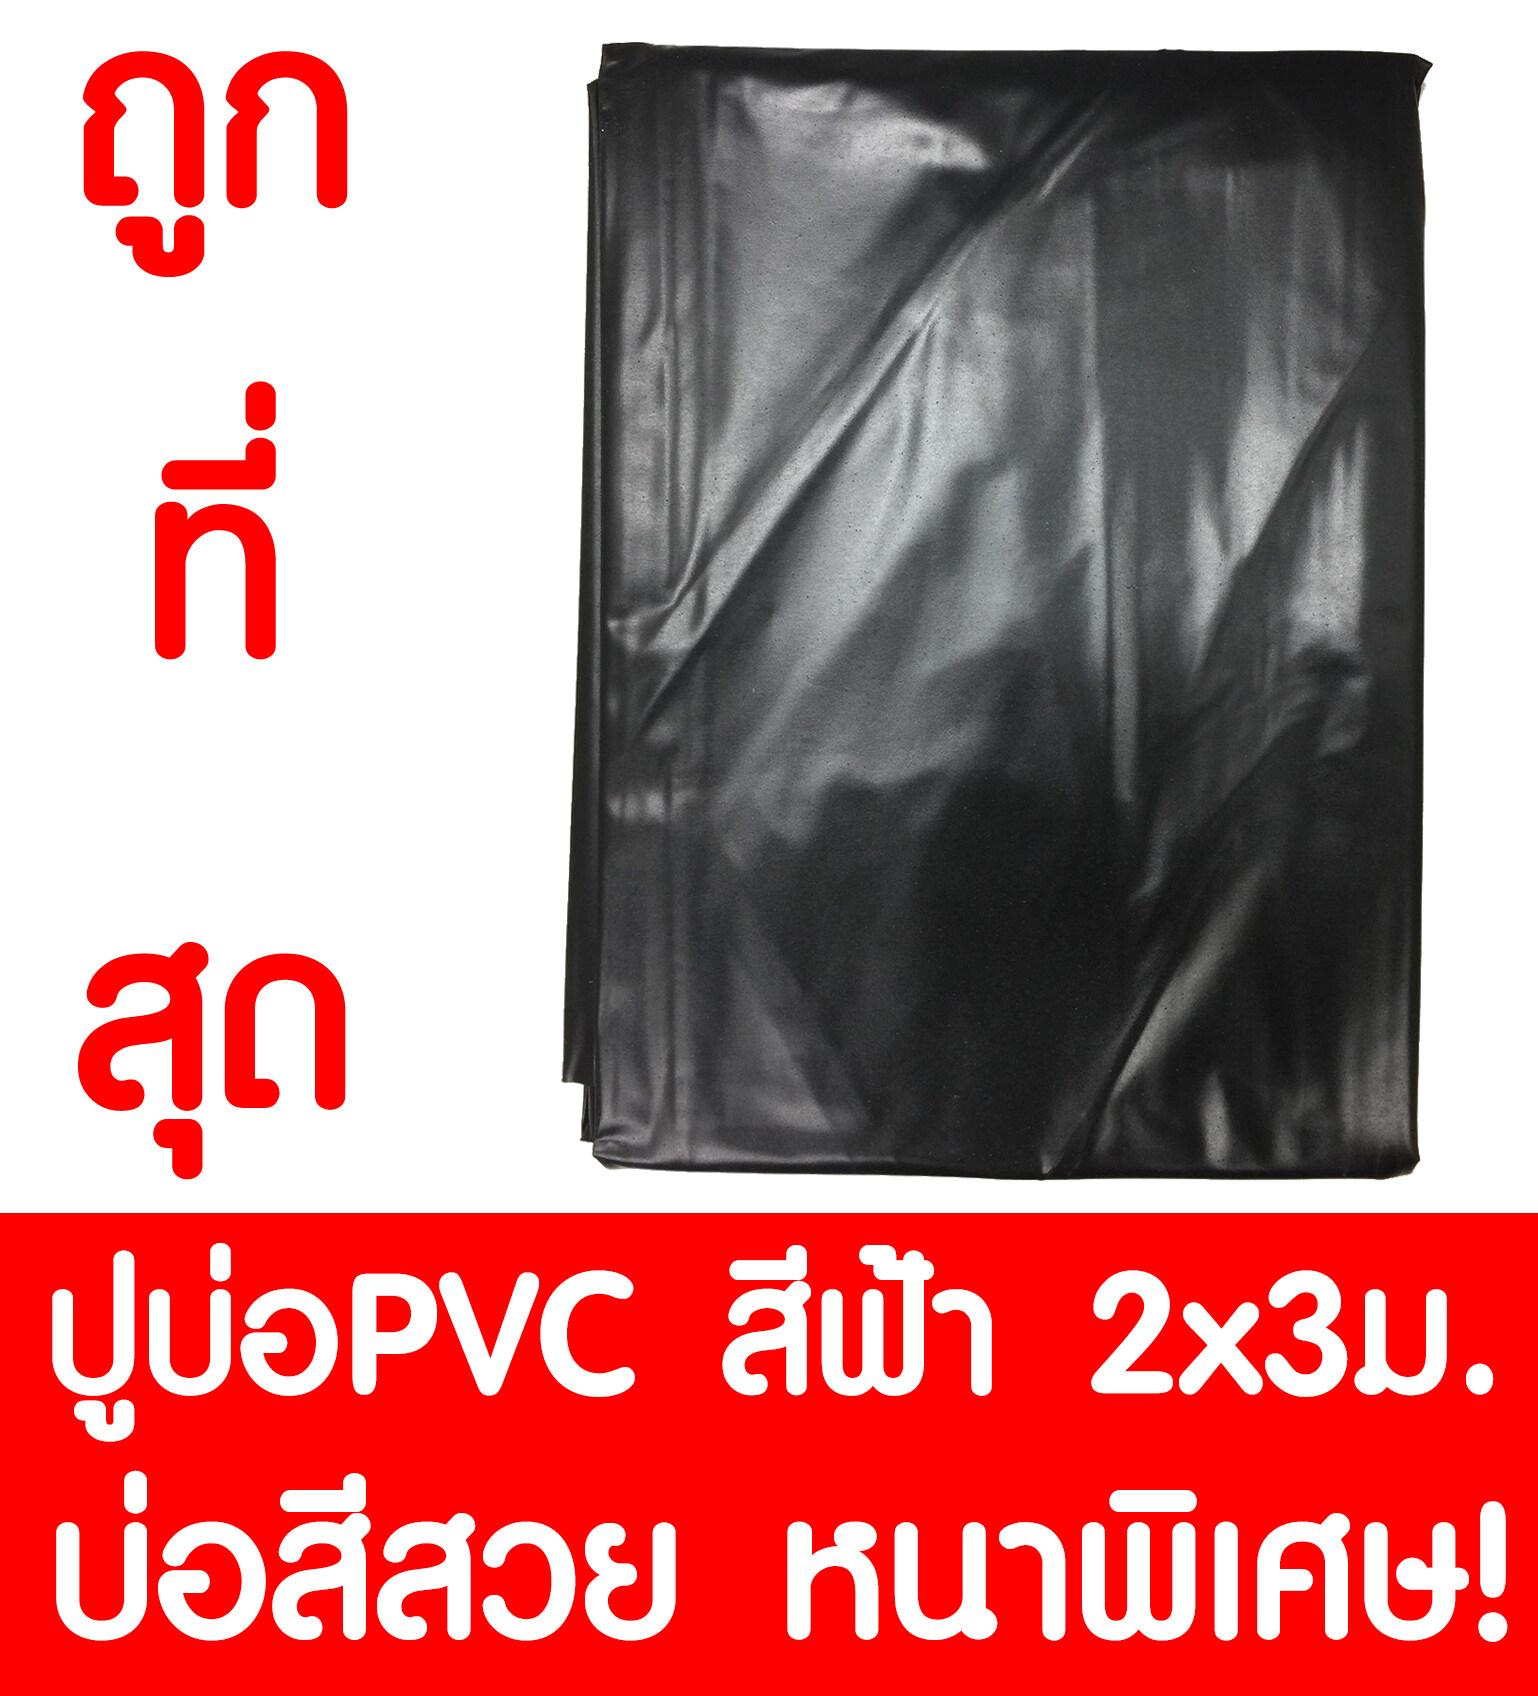 พลาสติกPVC ปูบ่อ ปูบ่อปลา ปูบ่อน้ำ ขนาด 2x3เมตร ขนาด 2x3เมตร สีดำ หนาพิเศษ!